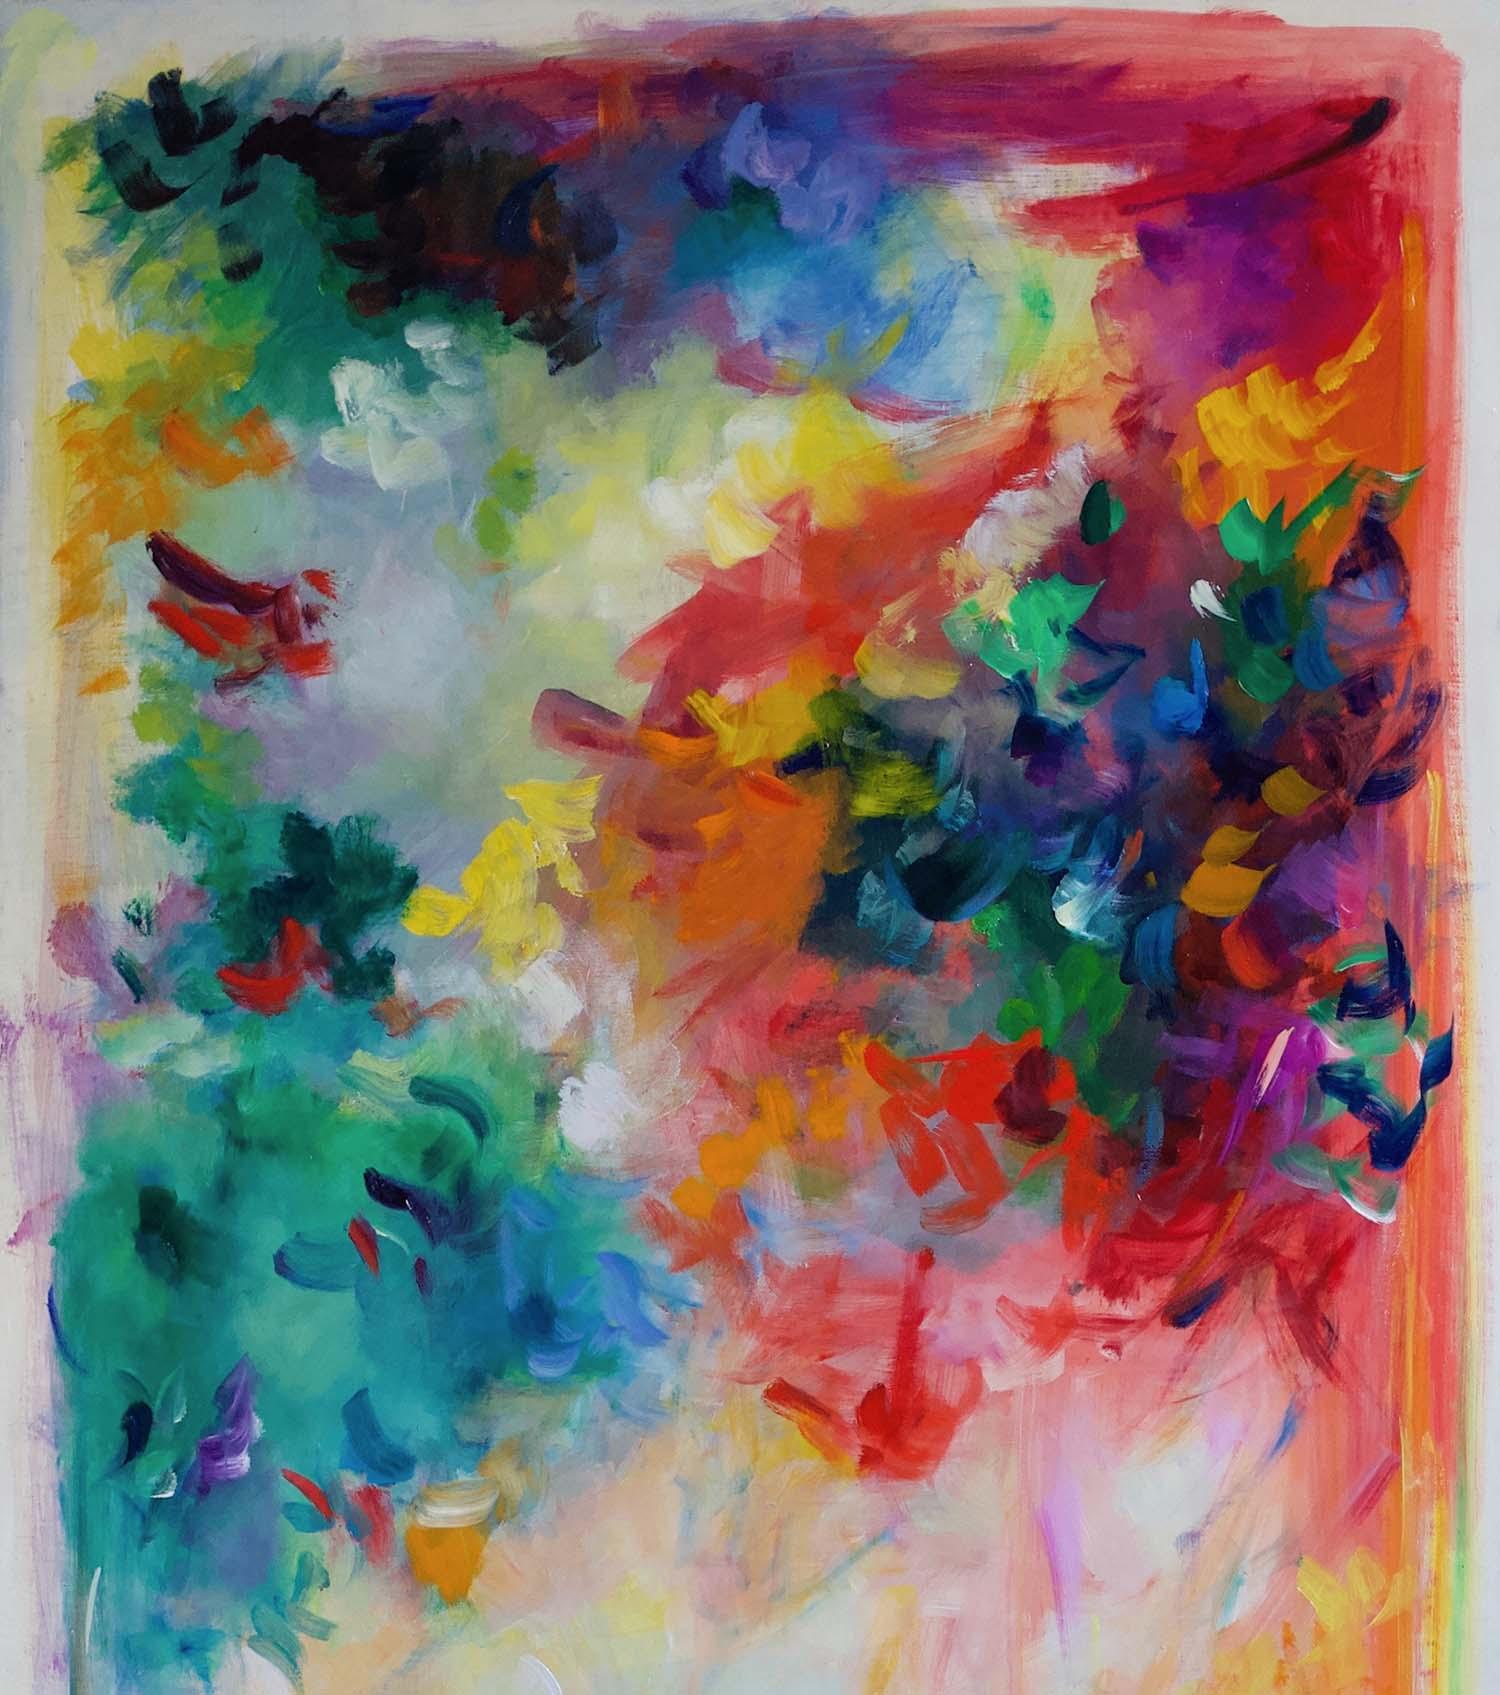 christel-legisa-travail-peinture-huile-4jpg